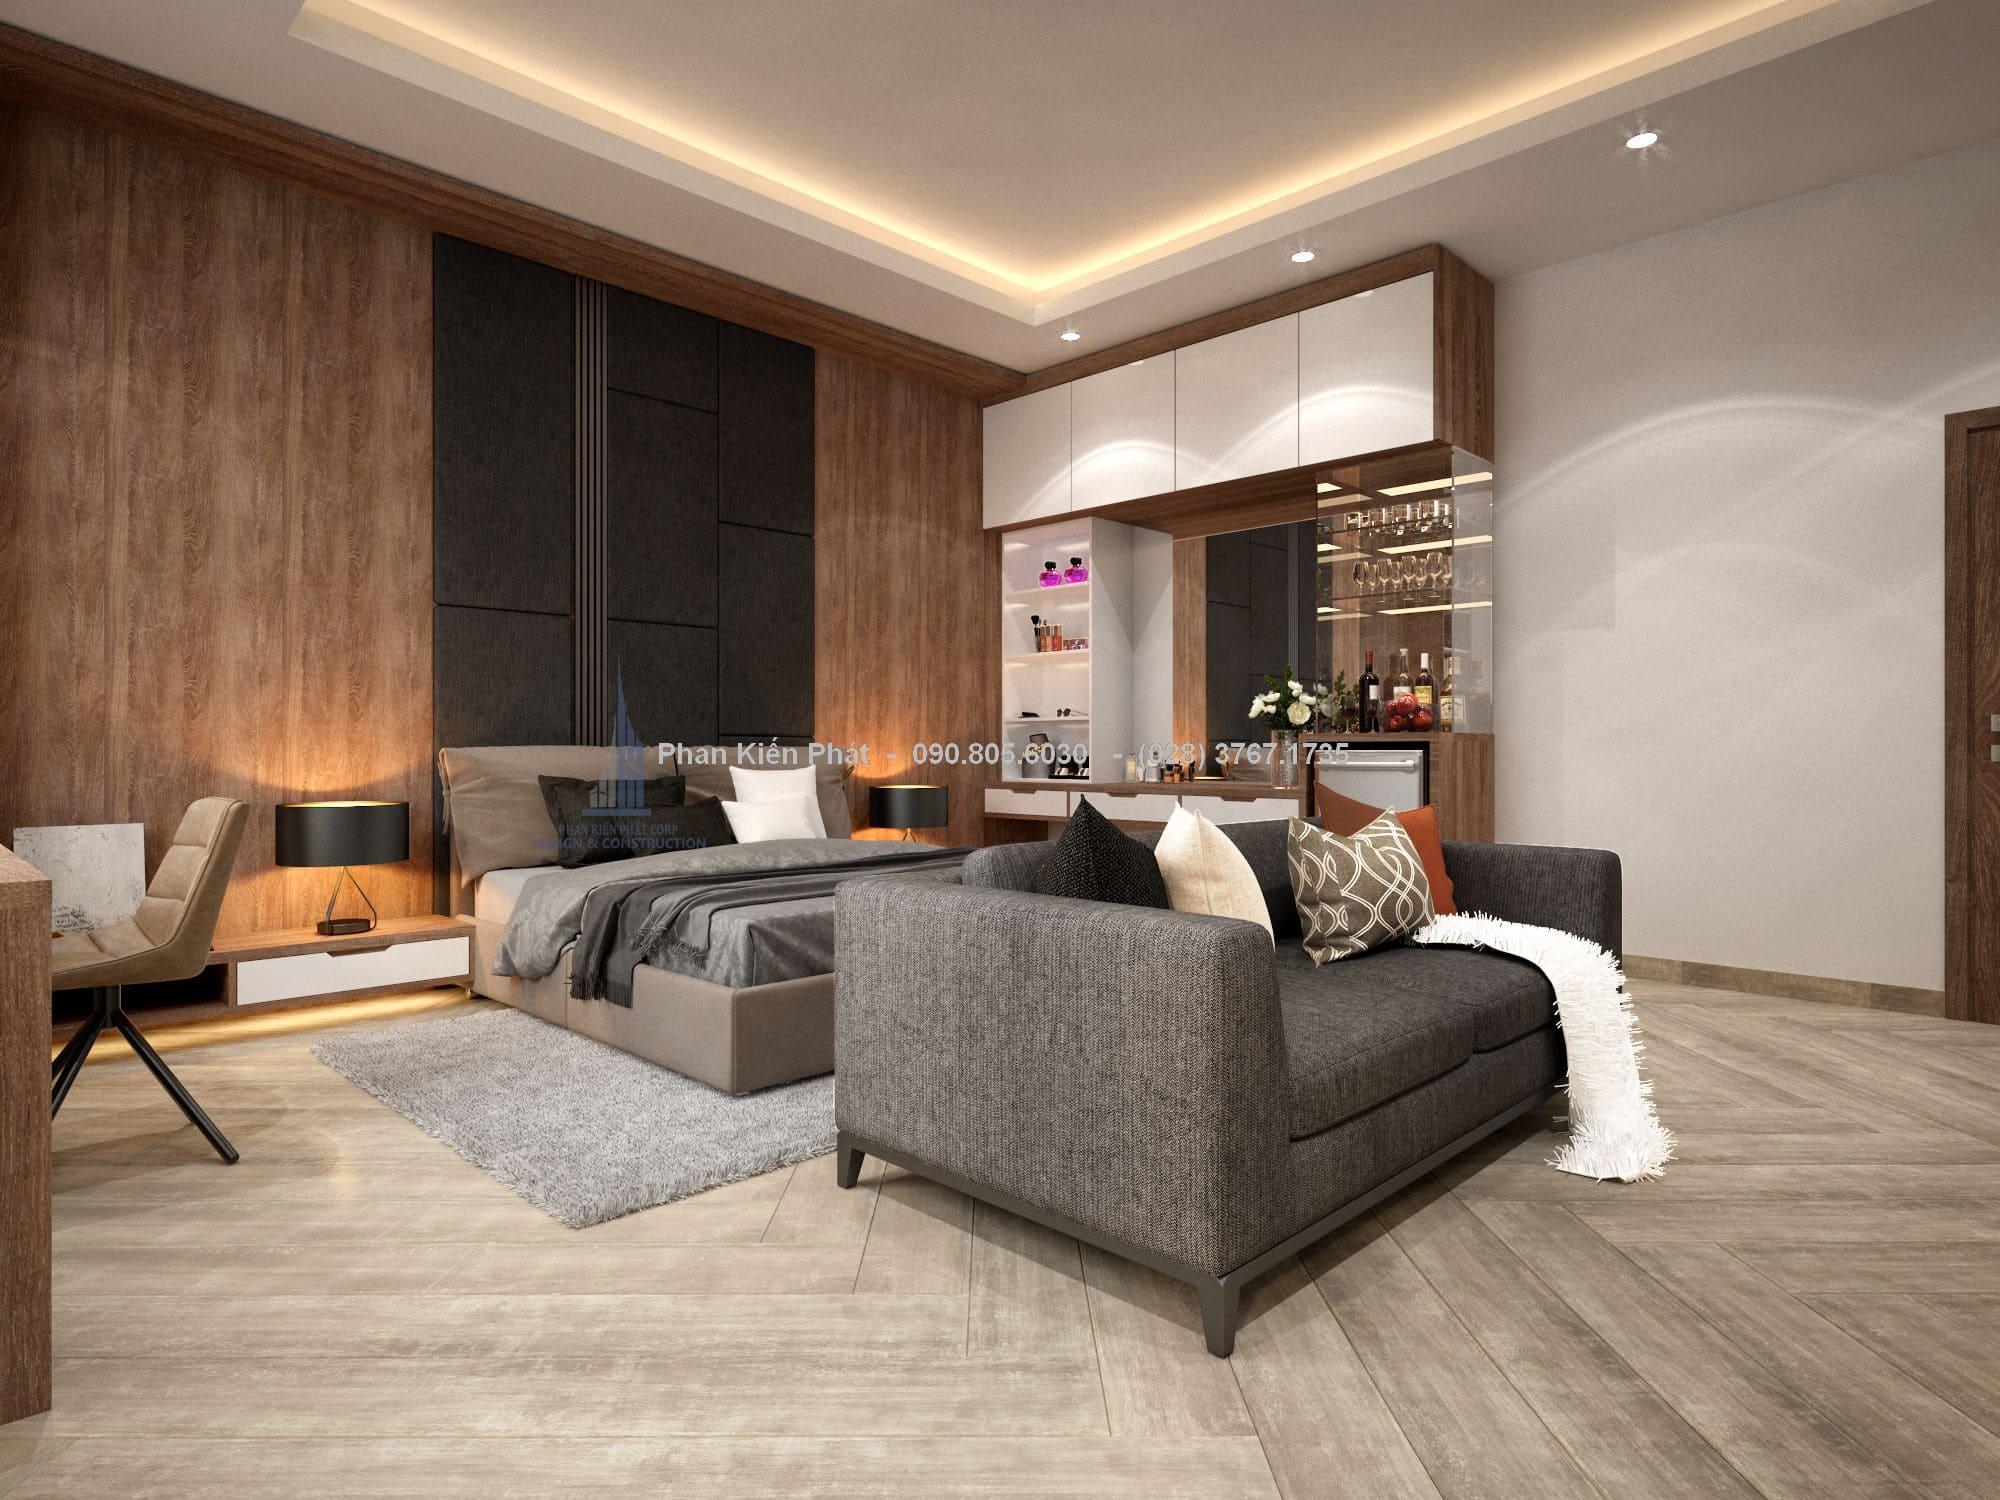 Tông màu trắng làm chủ đạo kết hợp màu gỗ tăng vẻ đẹp tổng thể cho ngôi nhà